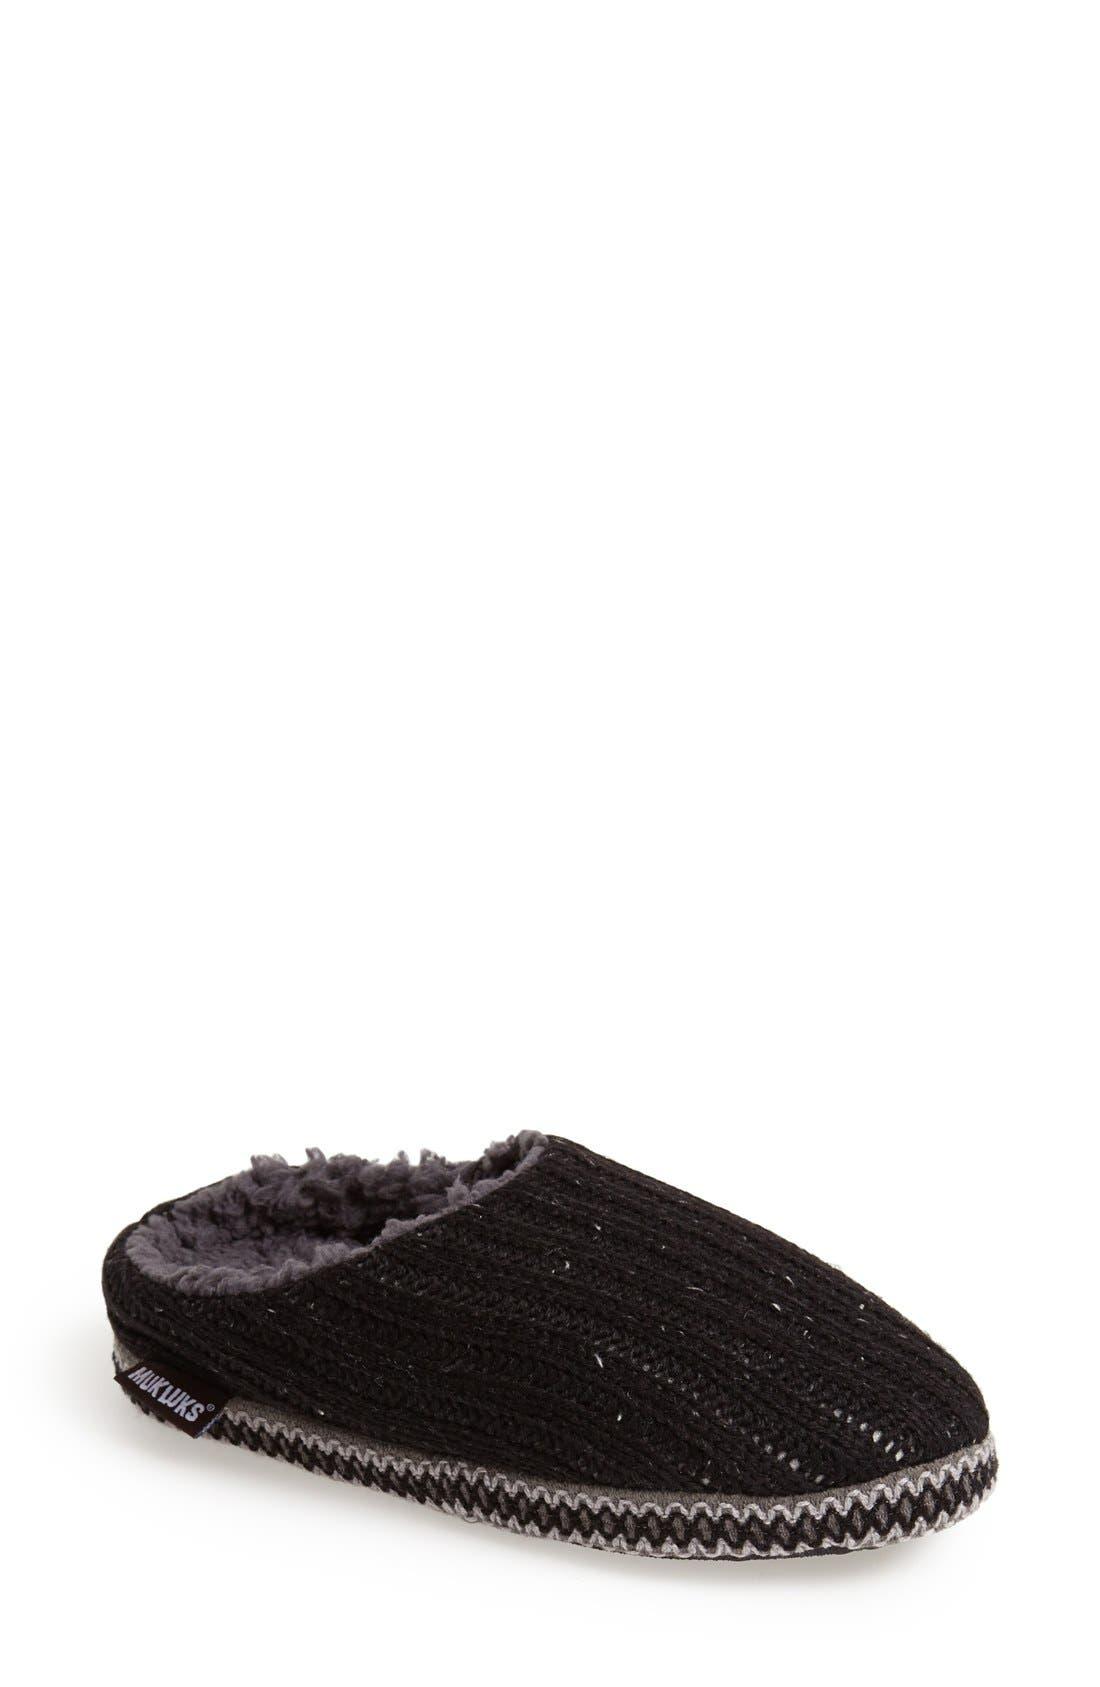 MUK LUKS 'Lucia' Knit Scuff Slipper, Main, color, 021